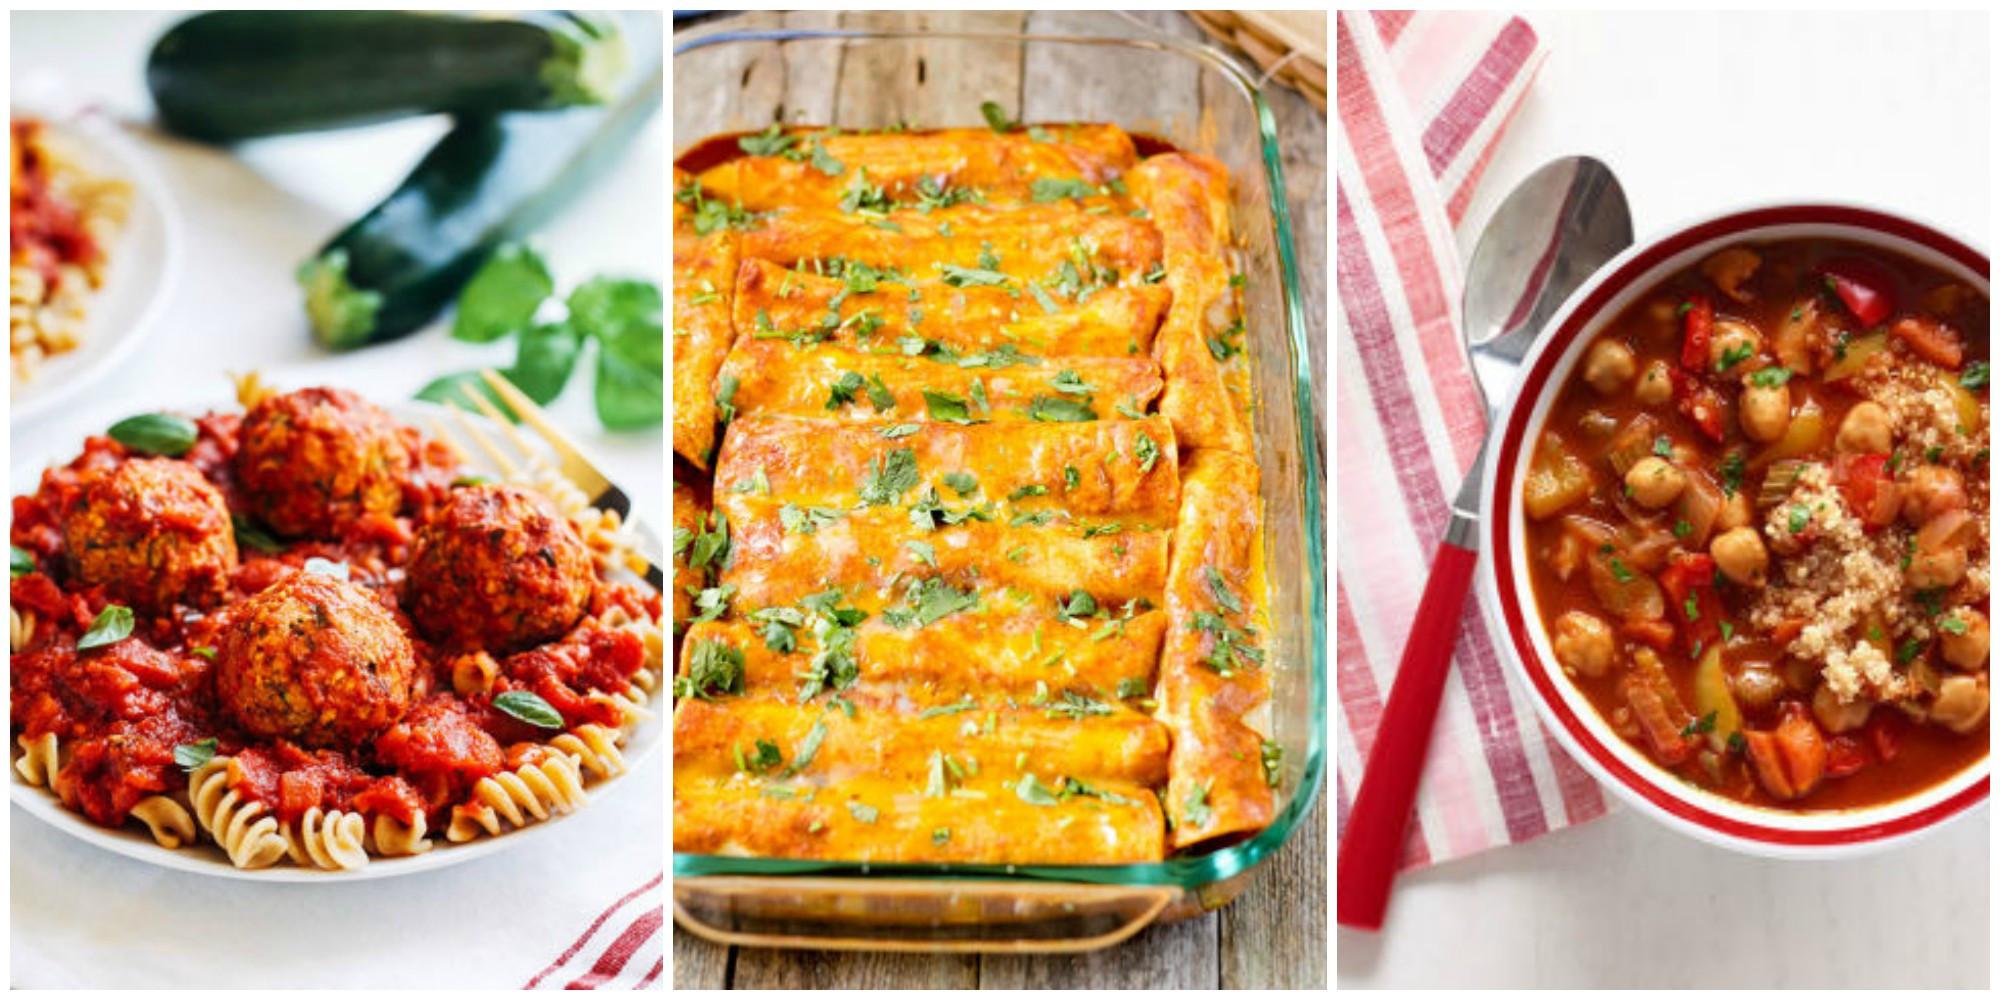 What To Make For Dinner Vegetarian  10 Easy Vegan Dinner Recipes Best Vegan Meal Ideas